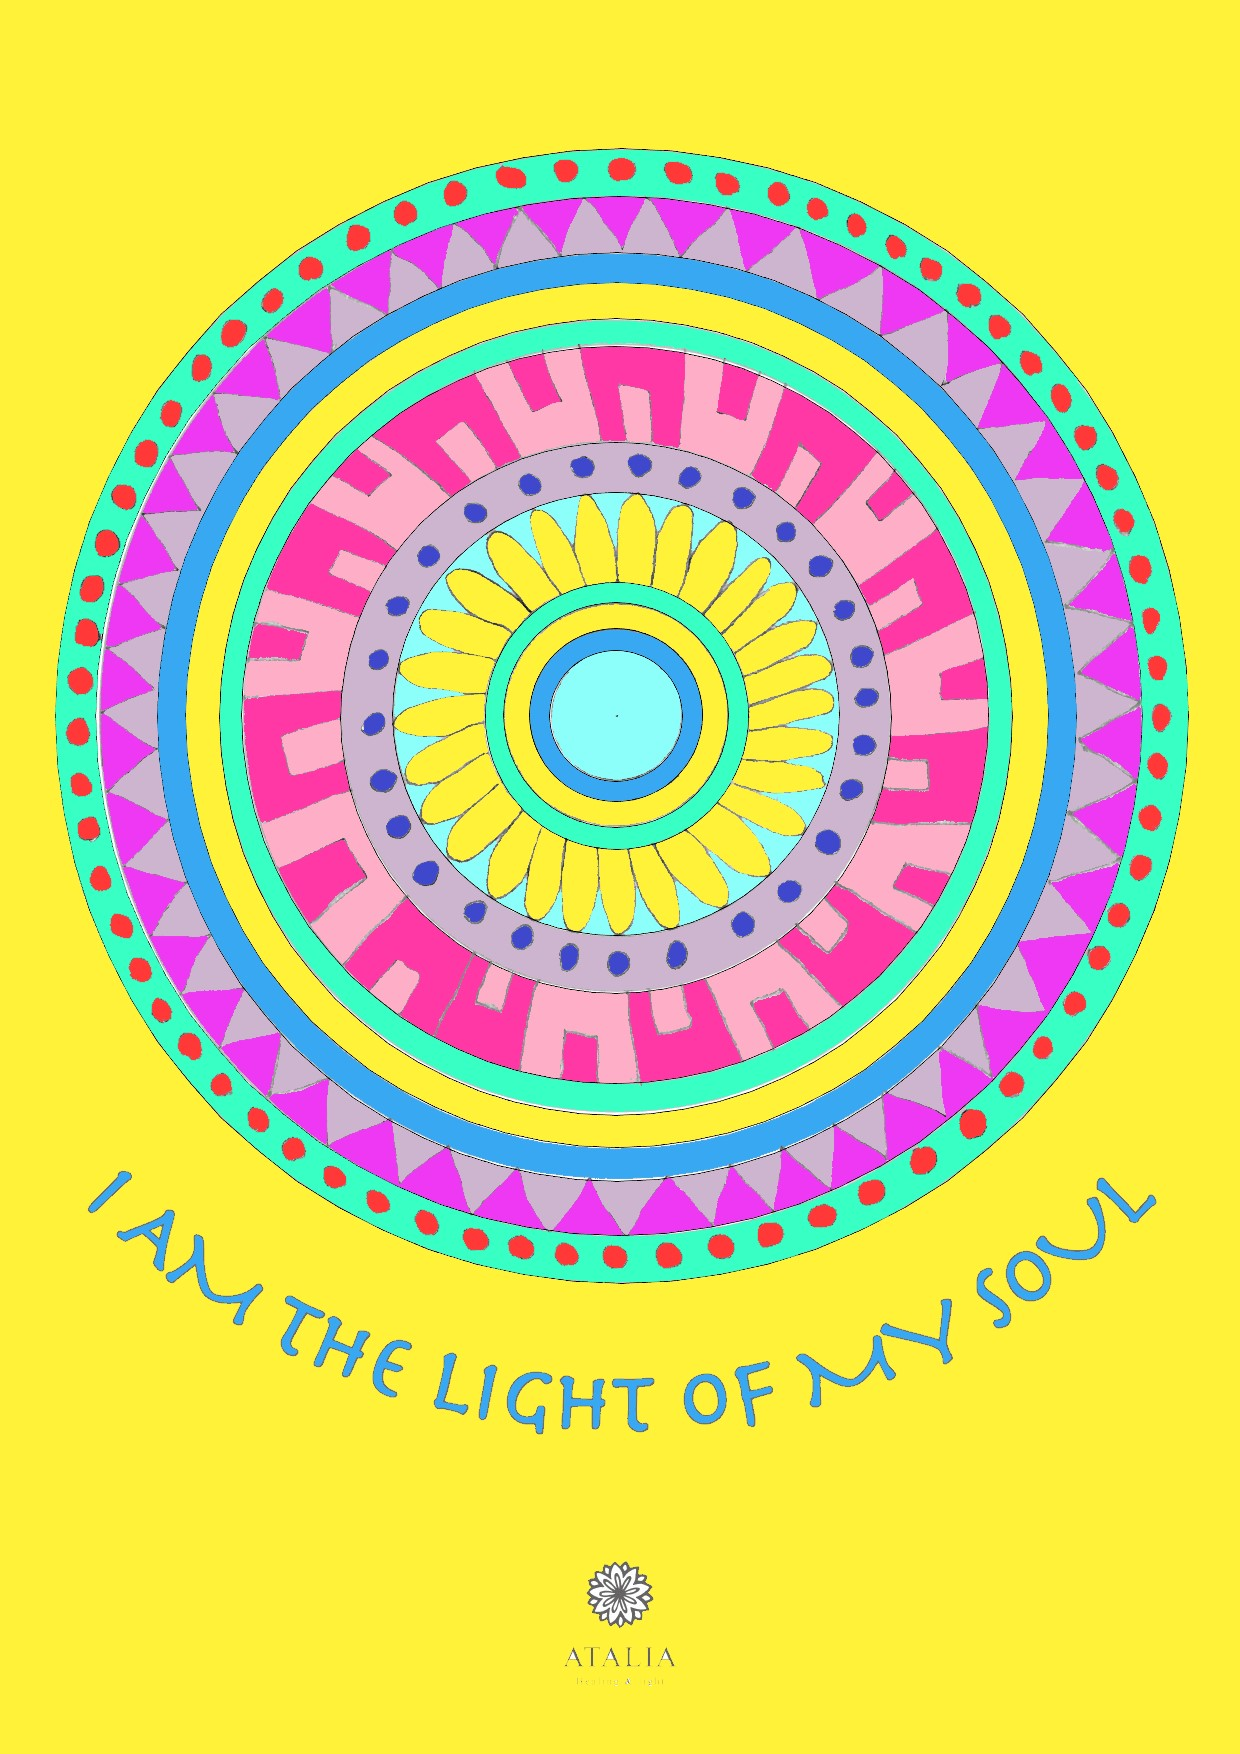 דפי מנדלות לצביעה - I AM THE LIGHT OF MY SOUL